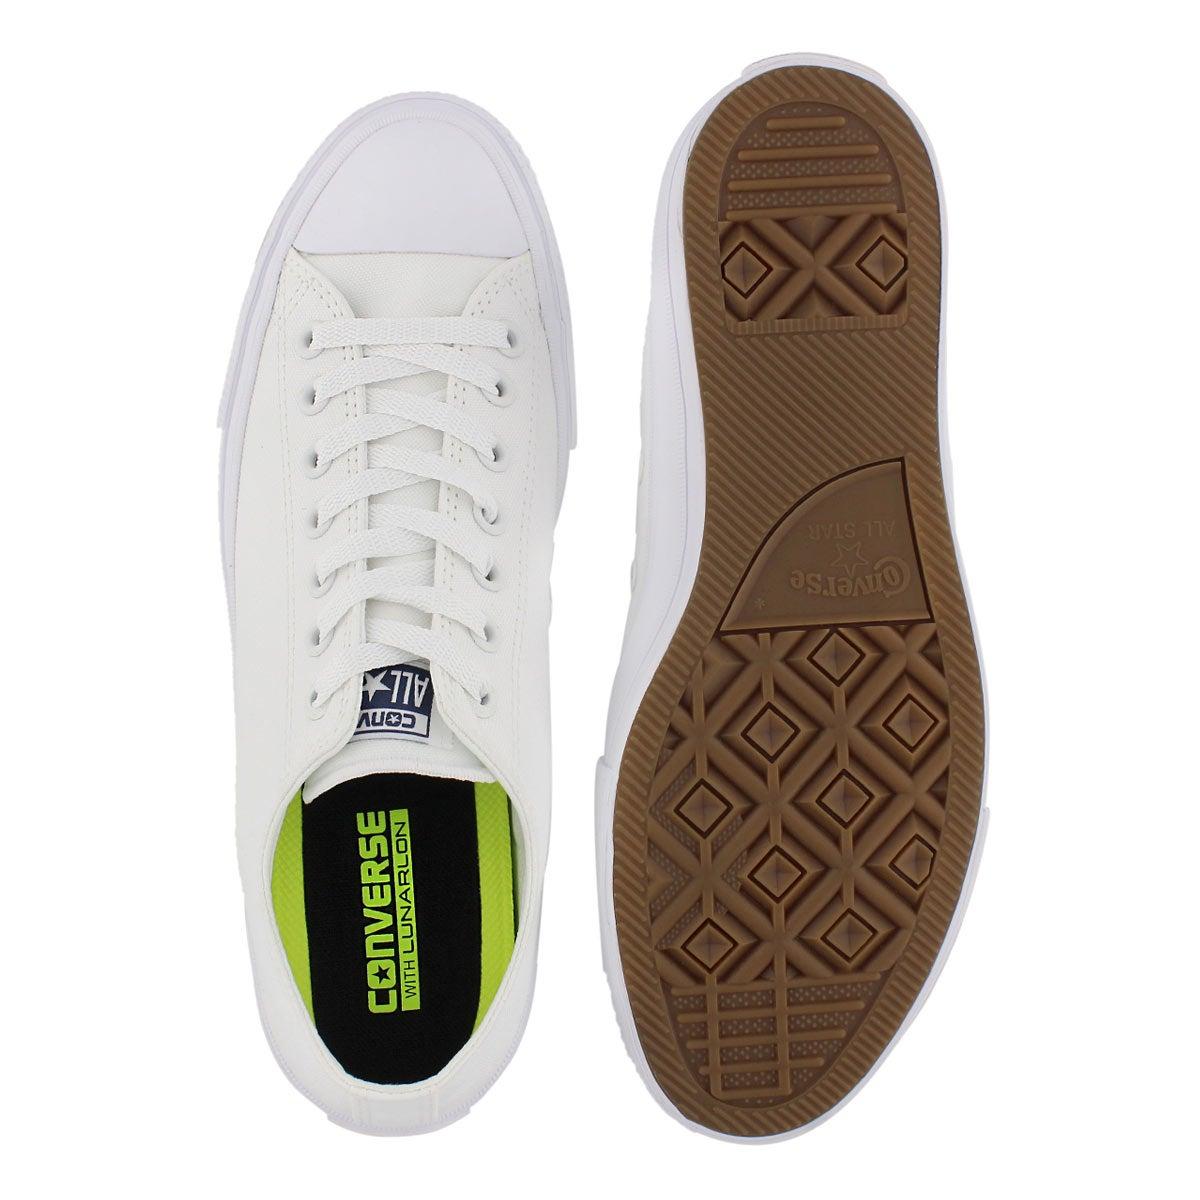 Mns Chuck II Viz Flow white sneaker